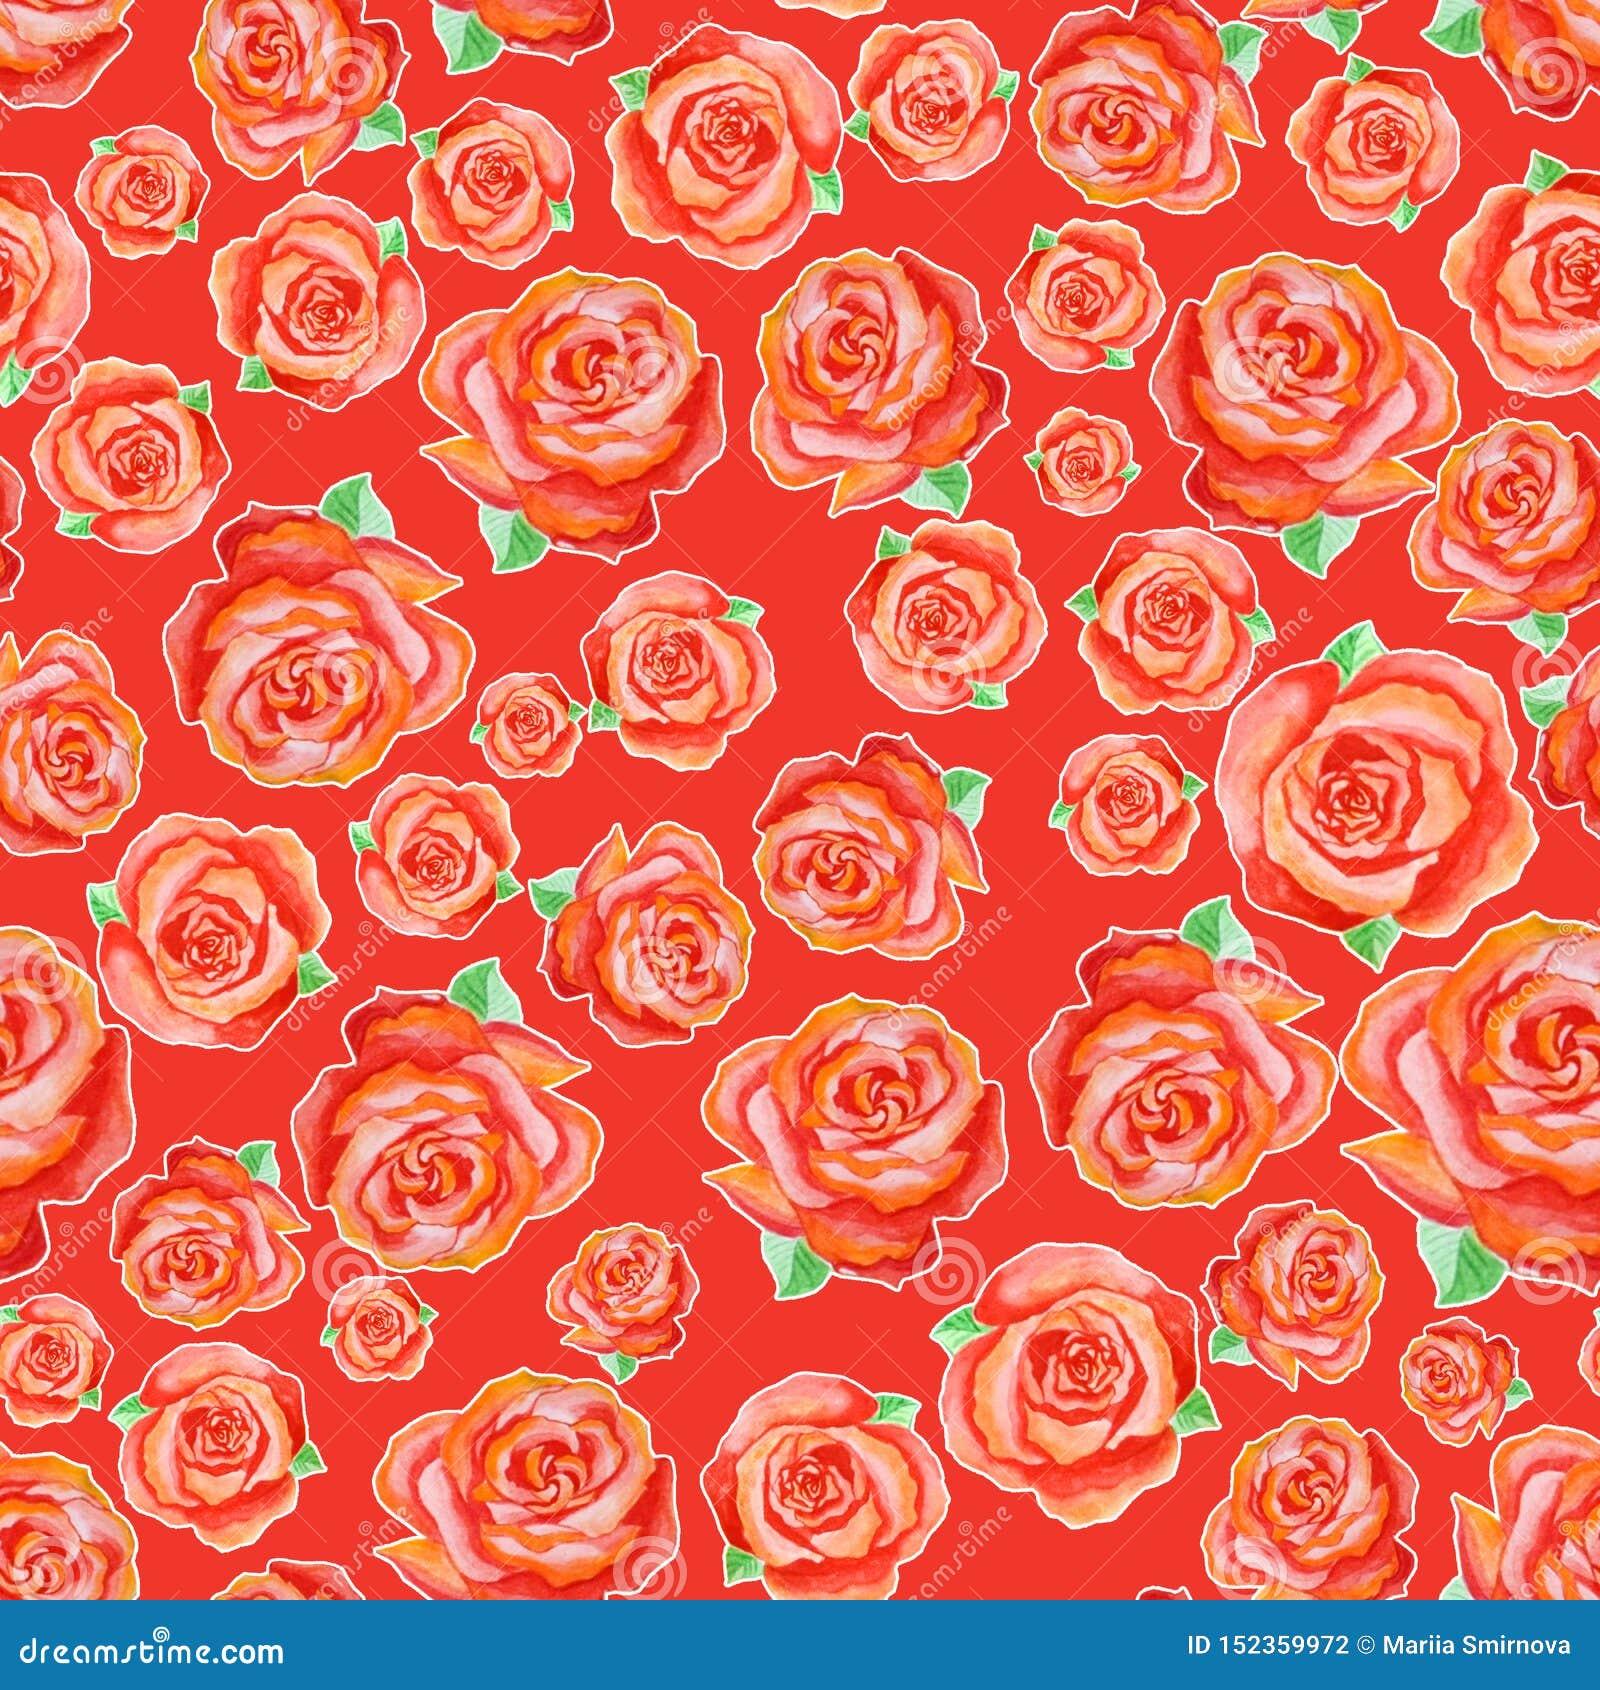 Sömlös modell av olika röda rosor med gröna sidor som ordnas på måfå på en röd bakgrund